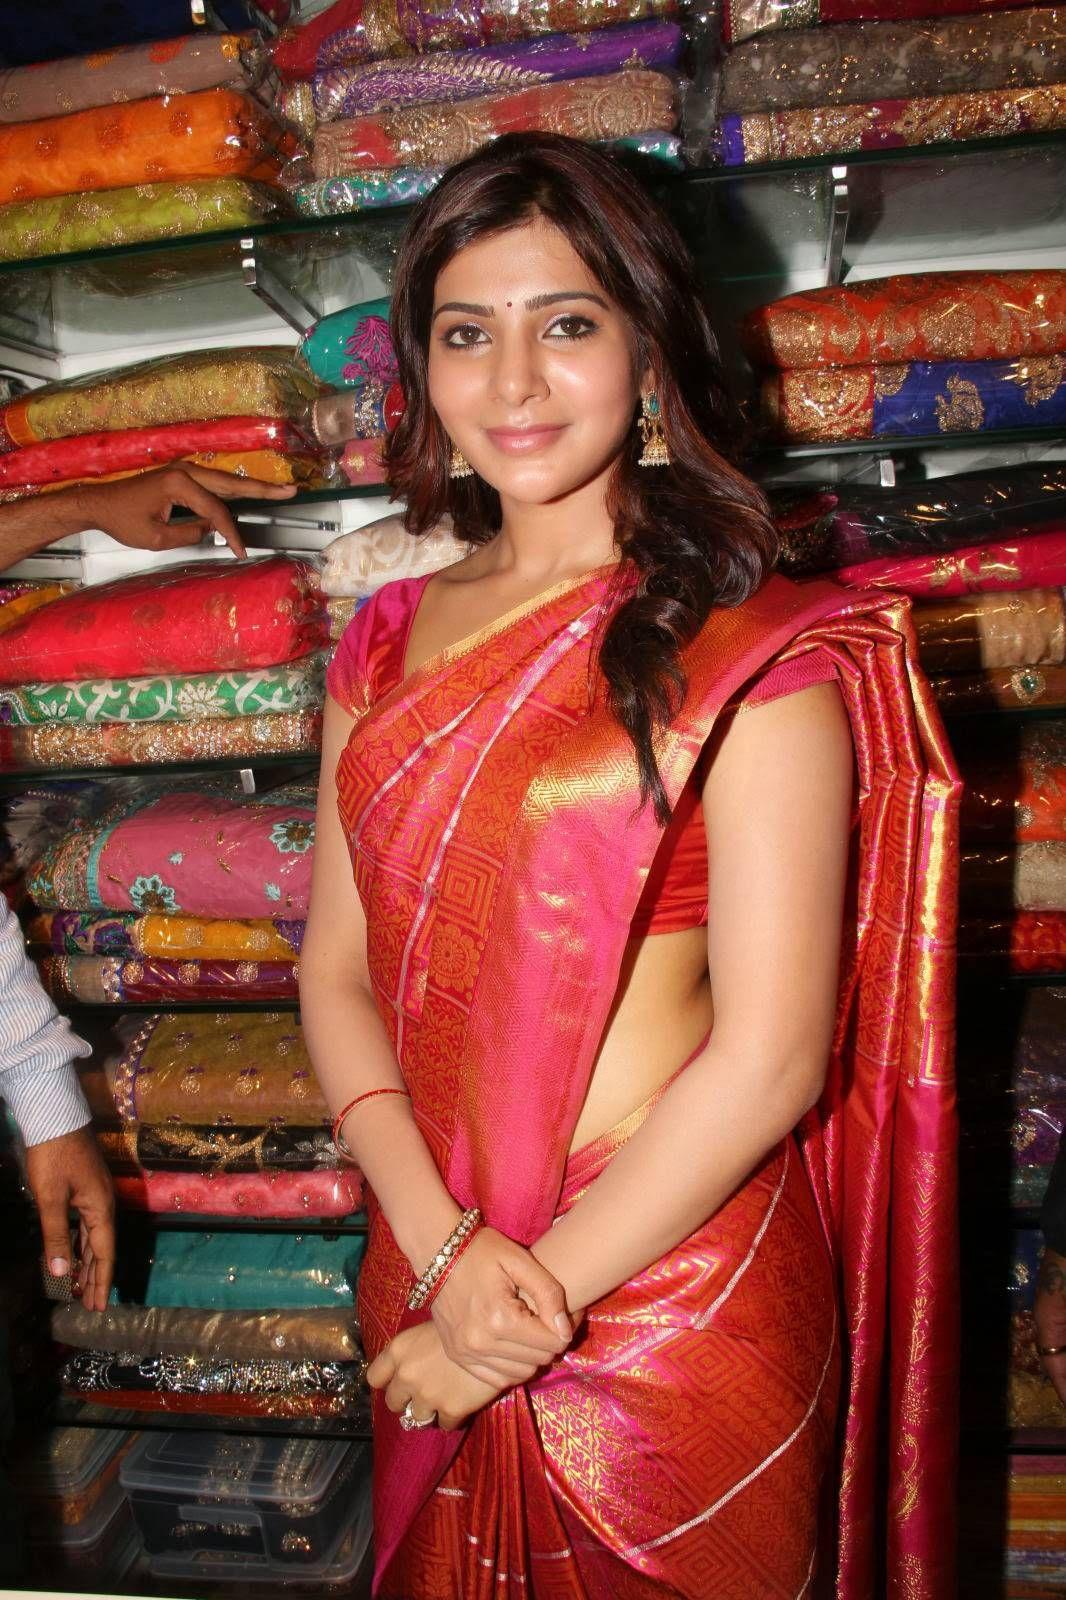 samantha new photo stills in saree photos funrahi | hd wallpapers